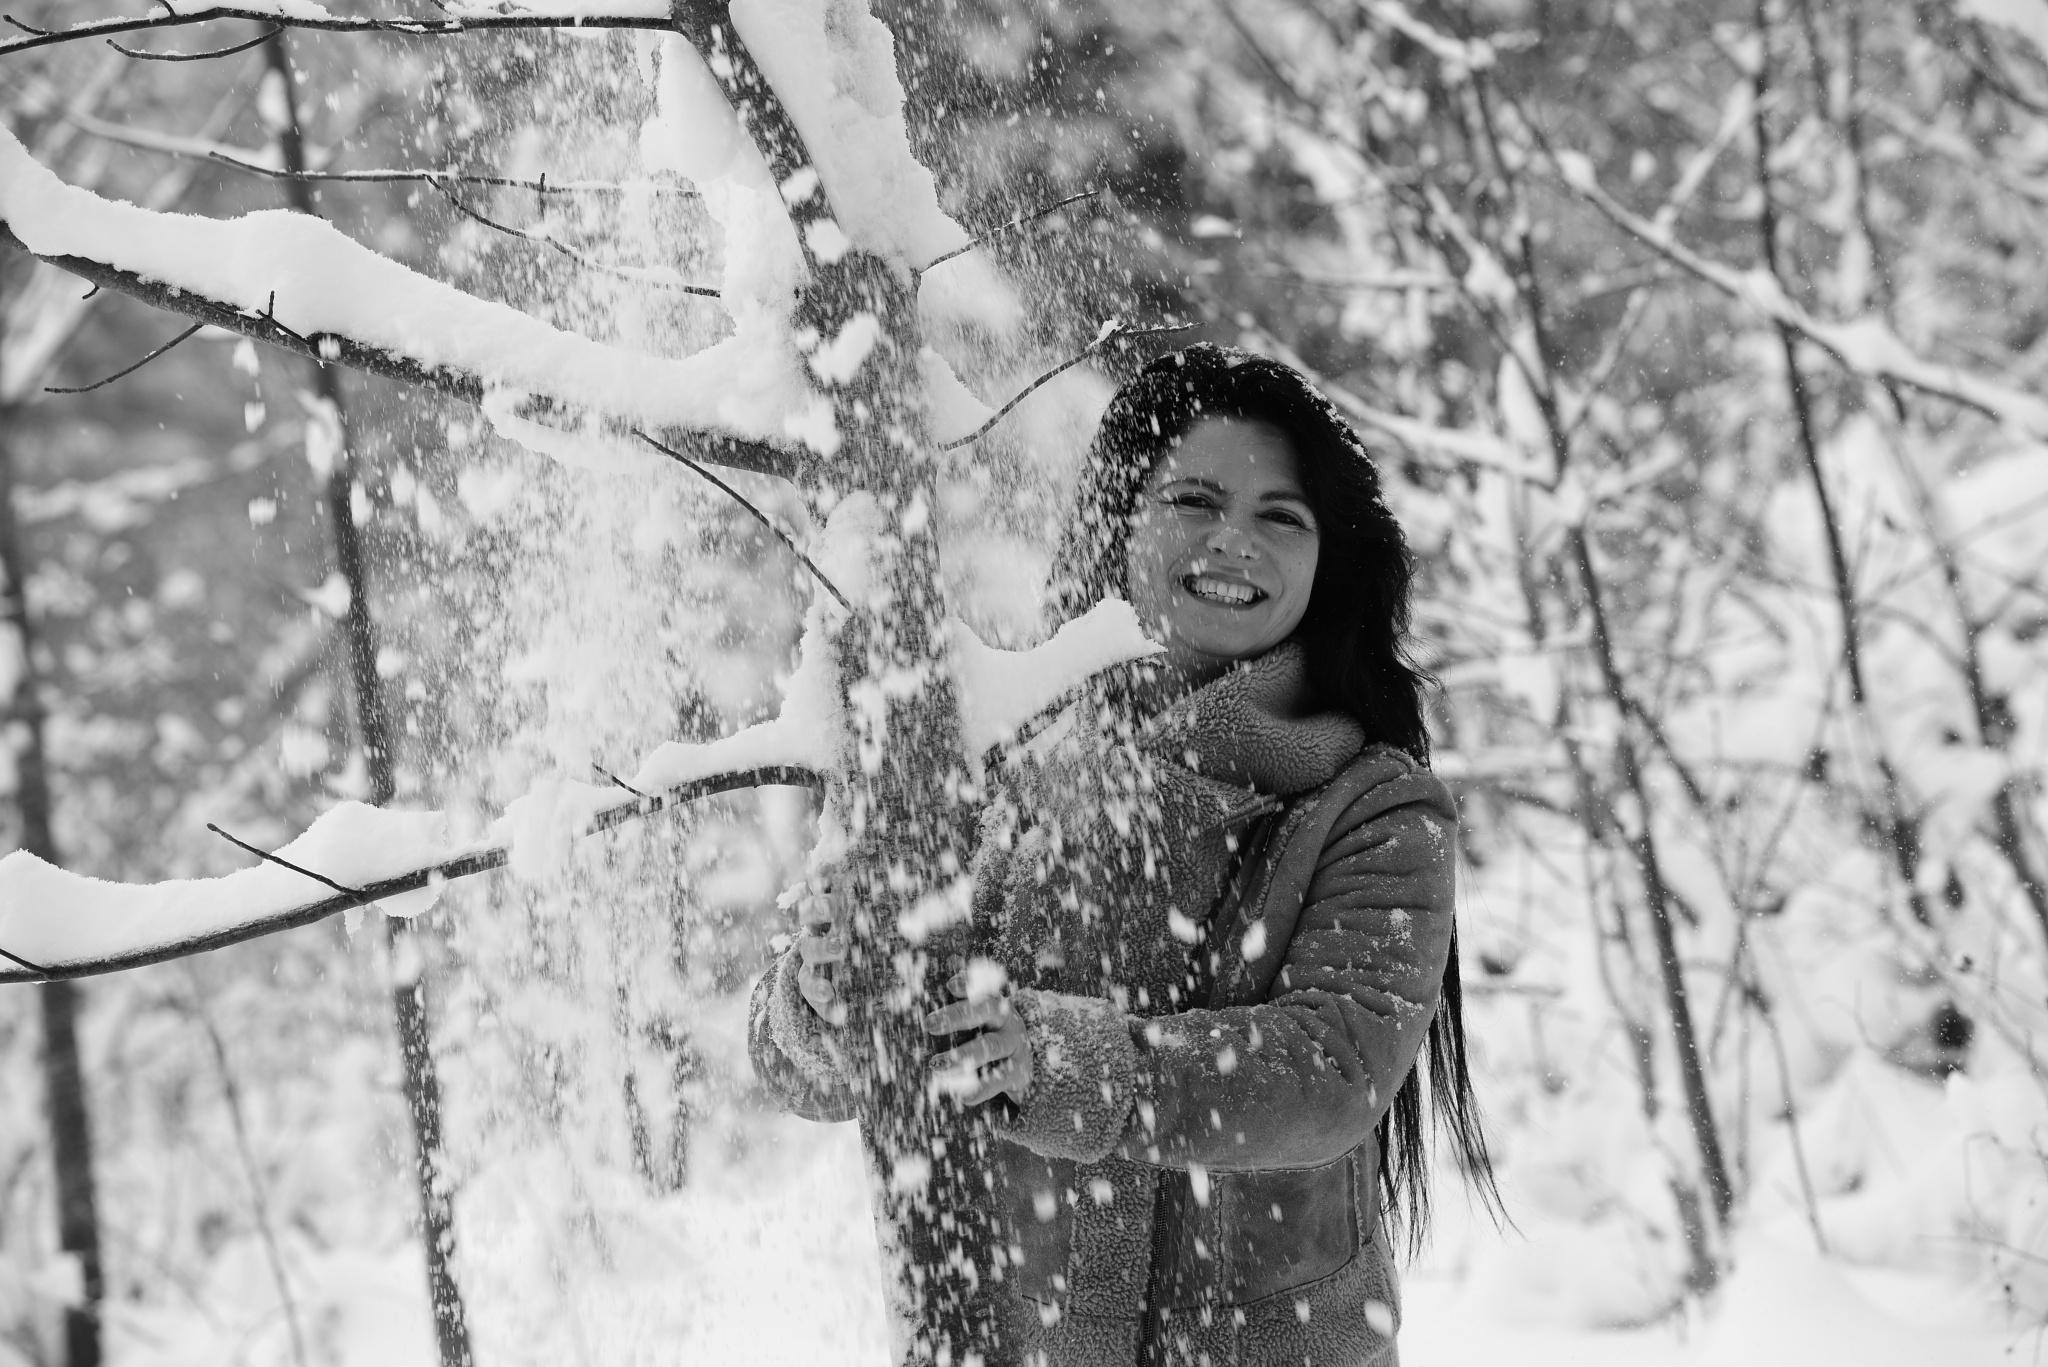 Le Chaleur de la neige  by jpsphoto